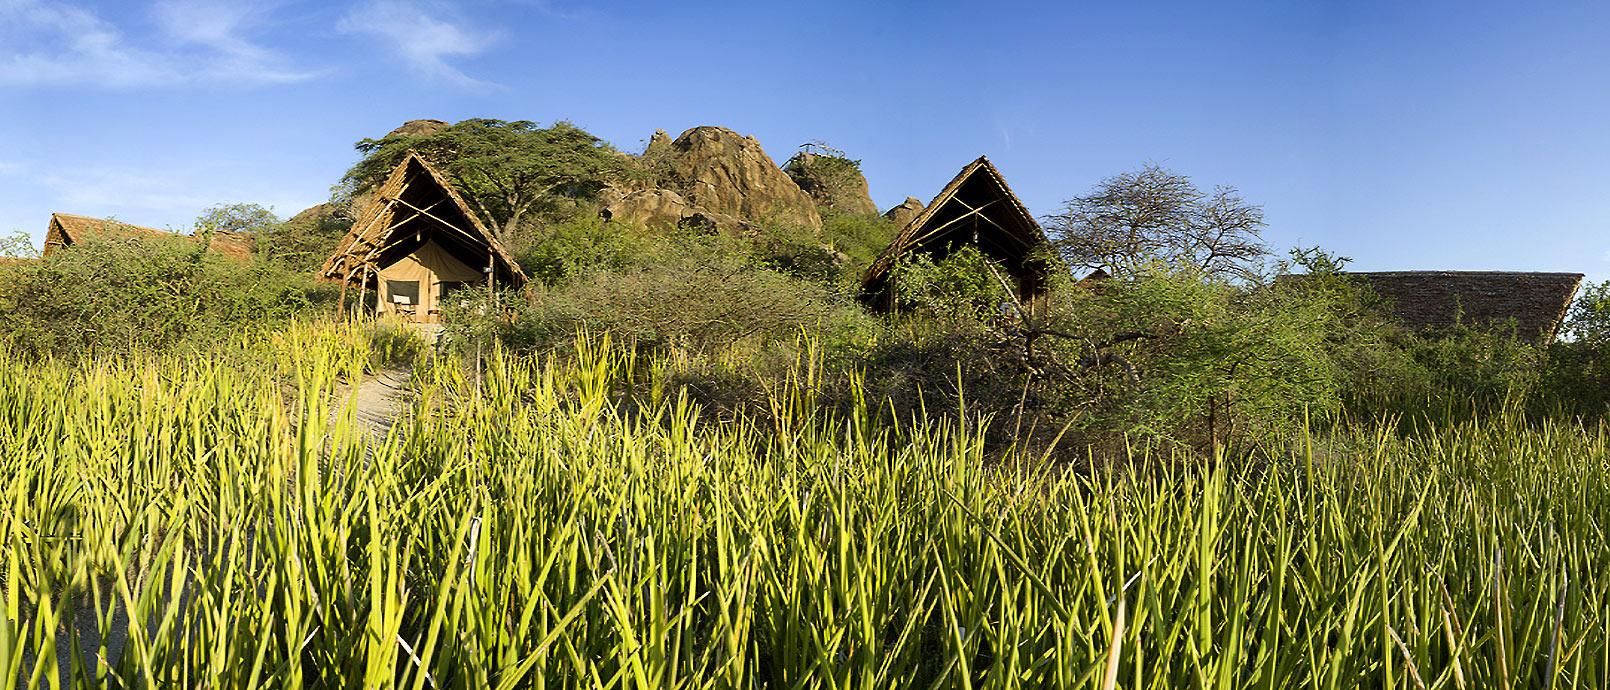 Olduvaï camp